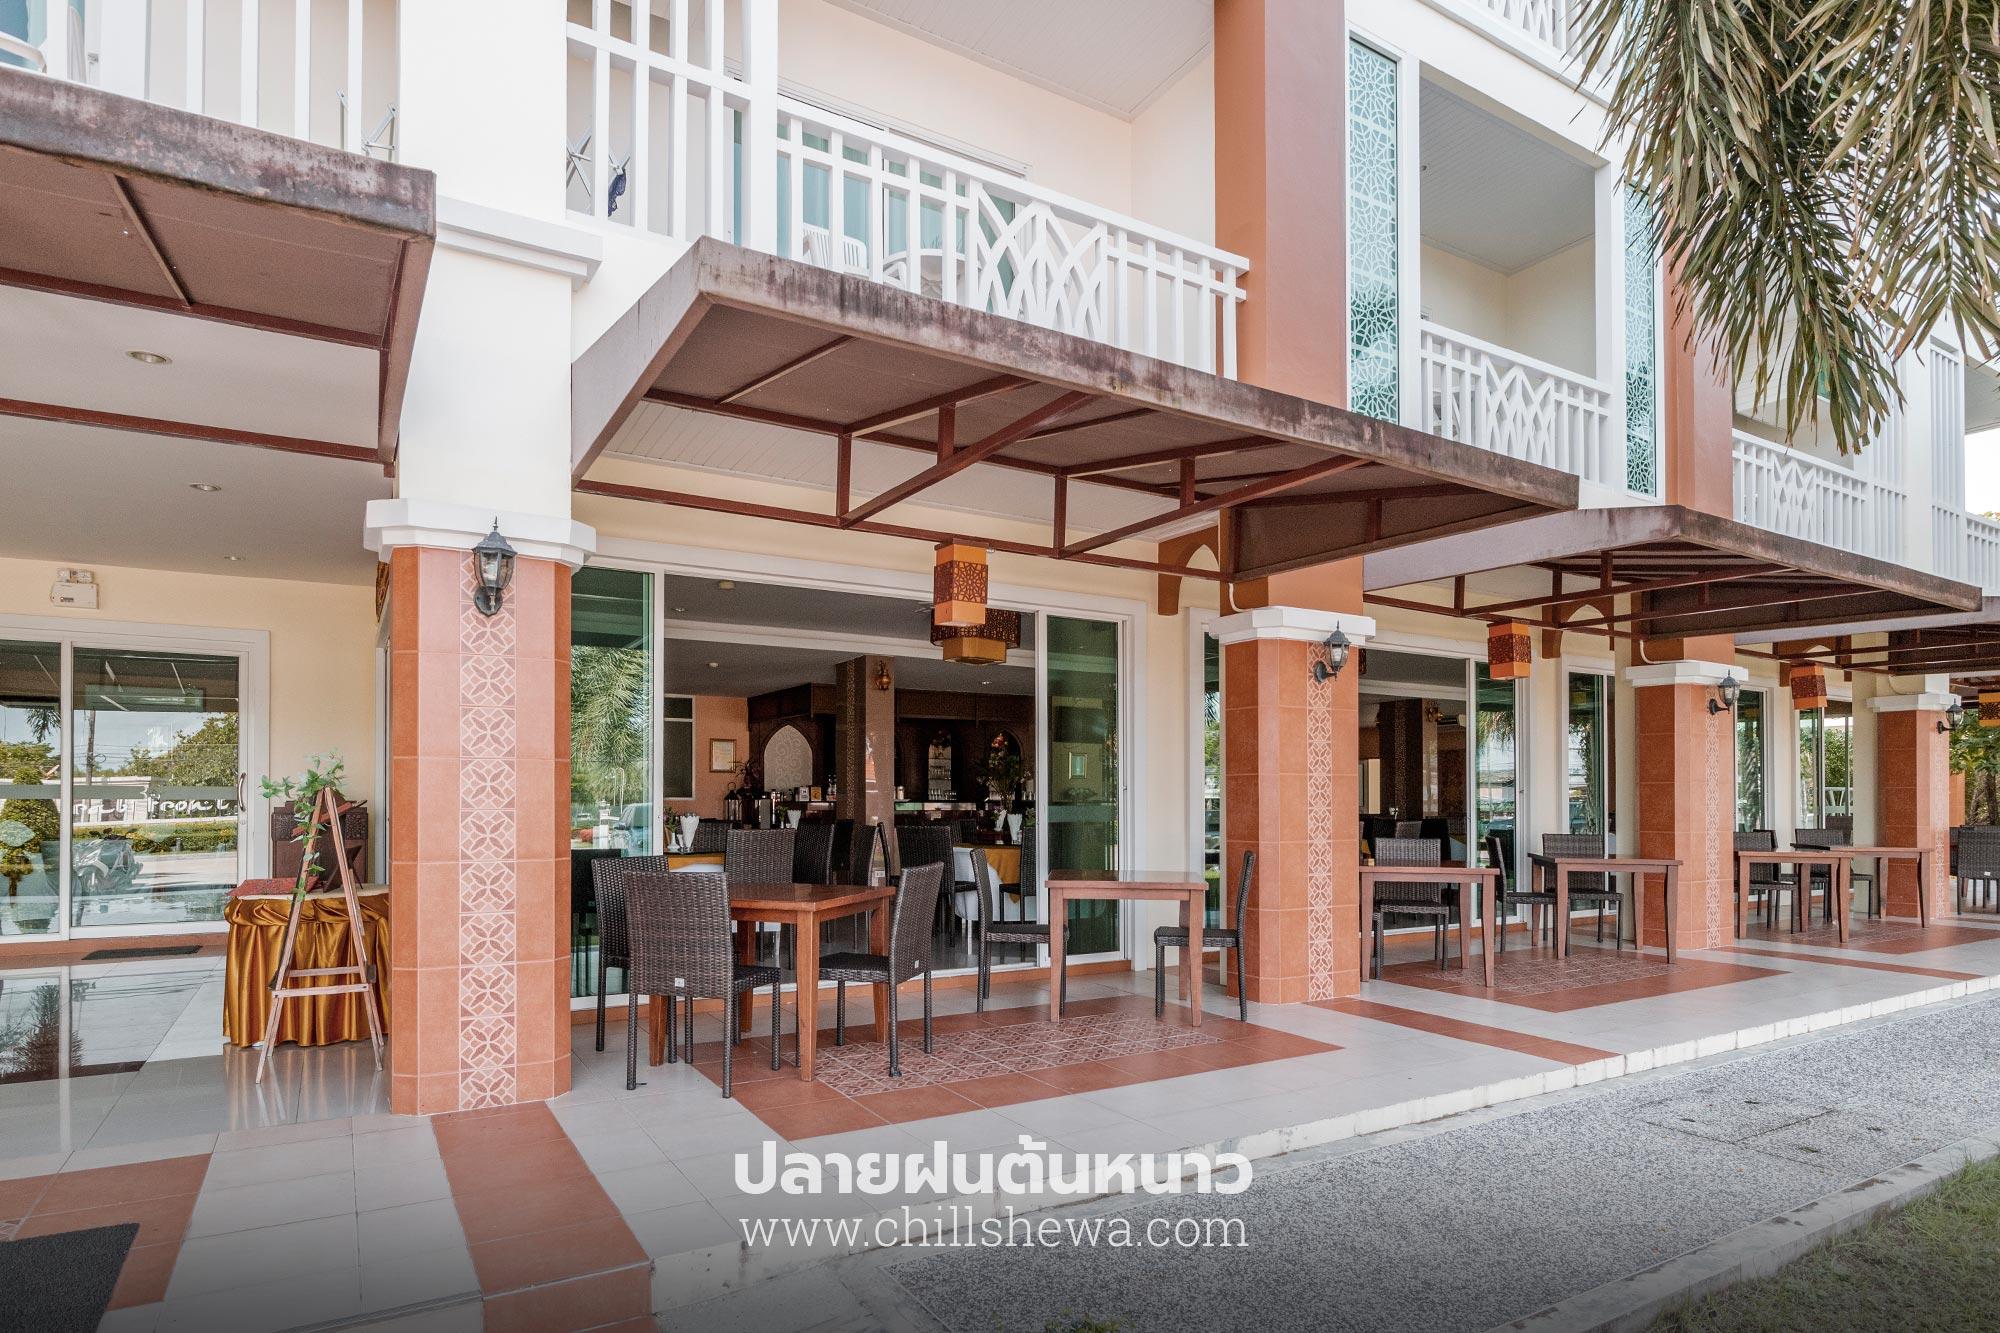 ห้องอาหารนงนุชเบย์ Krabi Front Bay Resort กระบี่ ฟร้อนท์ เบย์ รีสอร์ท krabi front bay resort Krabi Front Bay Resort กระบี่ ฟร้อนท์ เบย์ รีสอร์ท Krabi Front Bay Resort 13